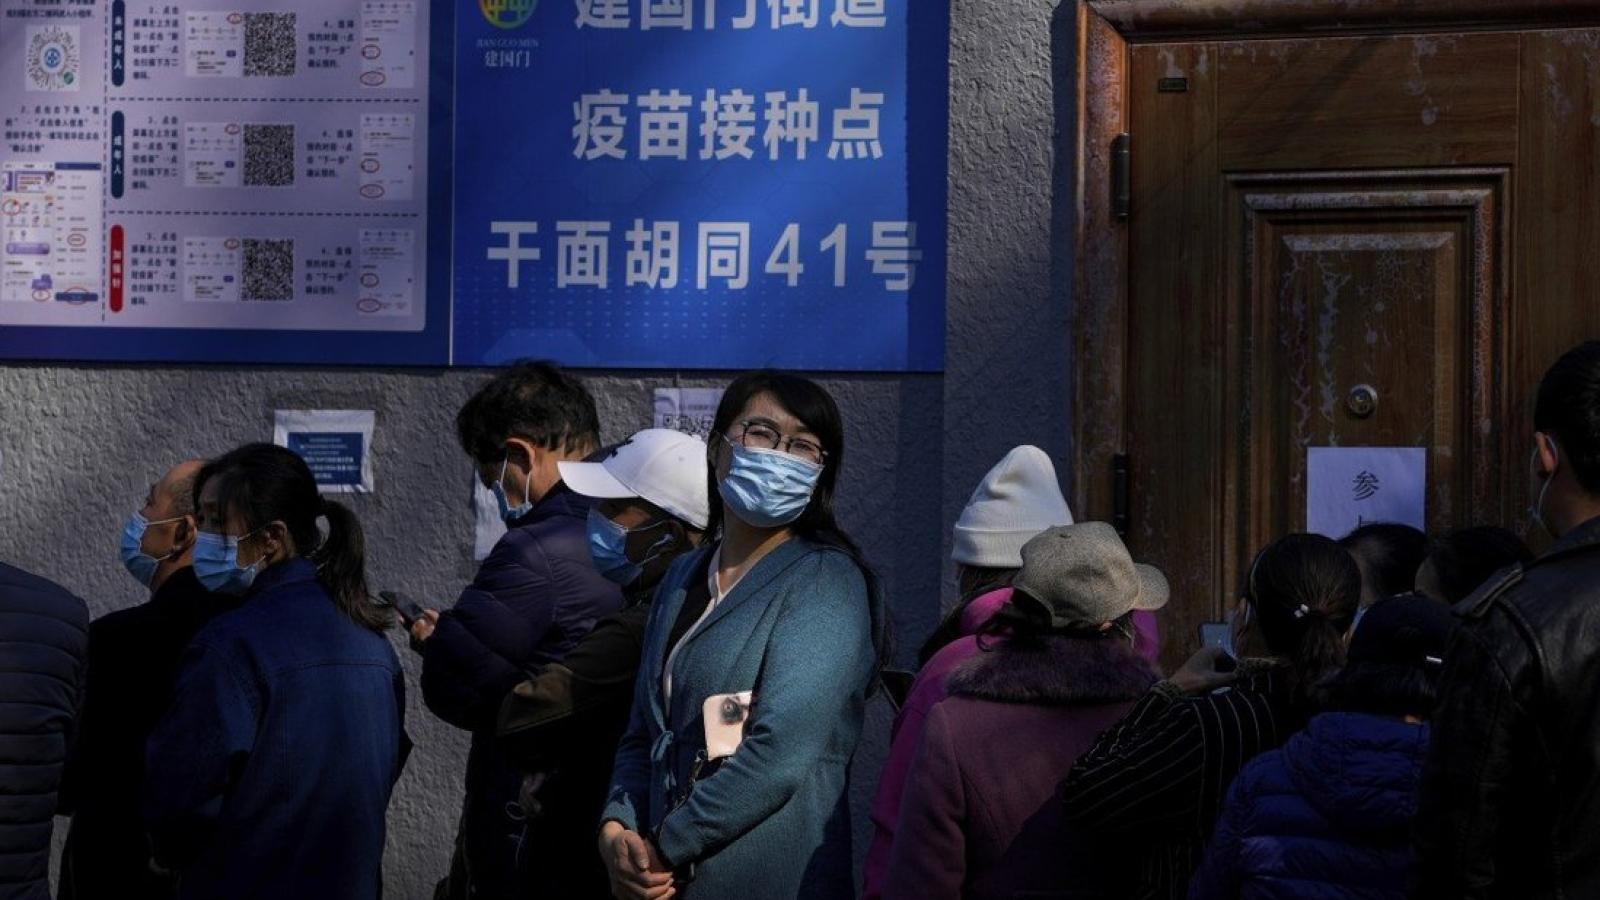 Trung Quốc siết chặt du lịch do dịch Covid-19 lại bùng phát và lan rộng